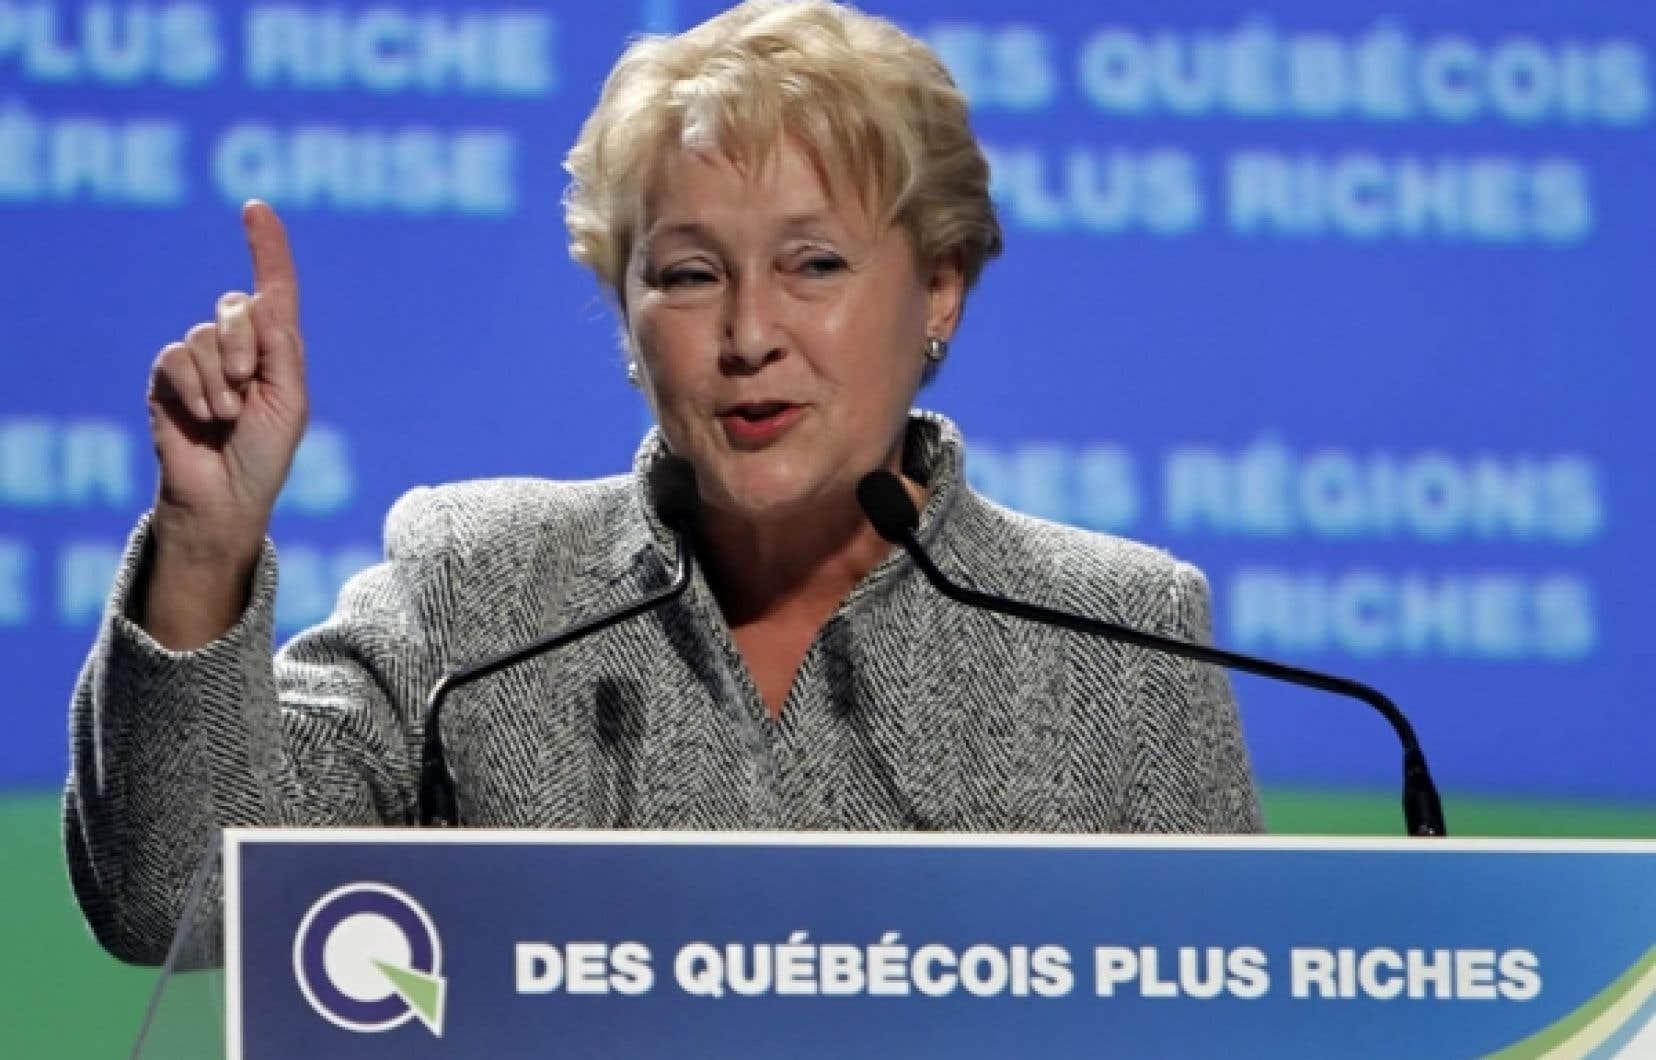 Pauline Marois s'adressant aux militants du Parti québécois, hier, lors de la clôture d'un colloque tenu à Lévis et ayant pour thème «Des Québécois plus riches». La rencontre a été l'occasion pour l'exécutif d'exclure le club politique SPQ Libre des rangs du parti.